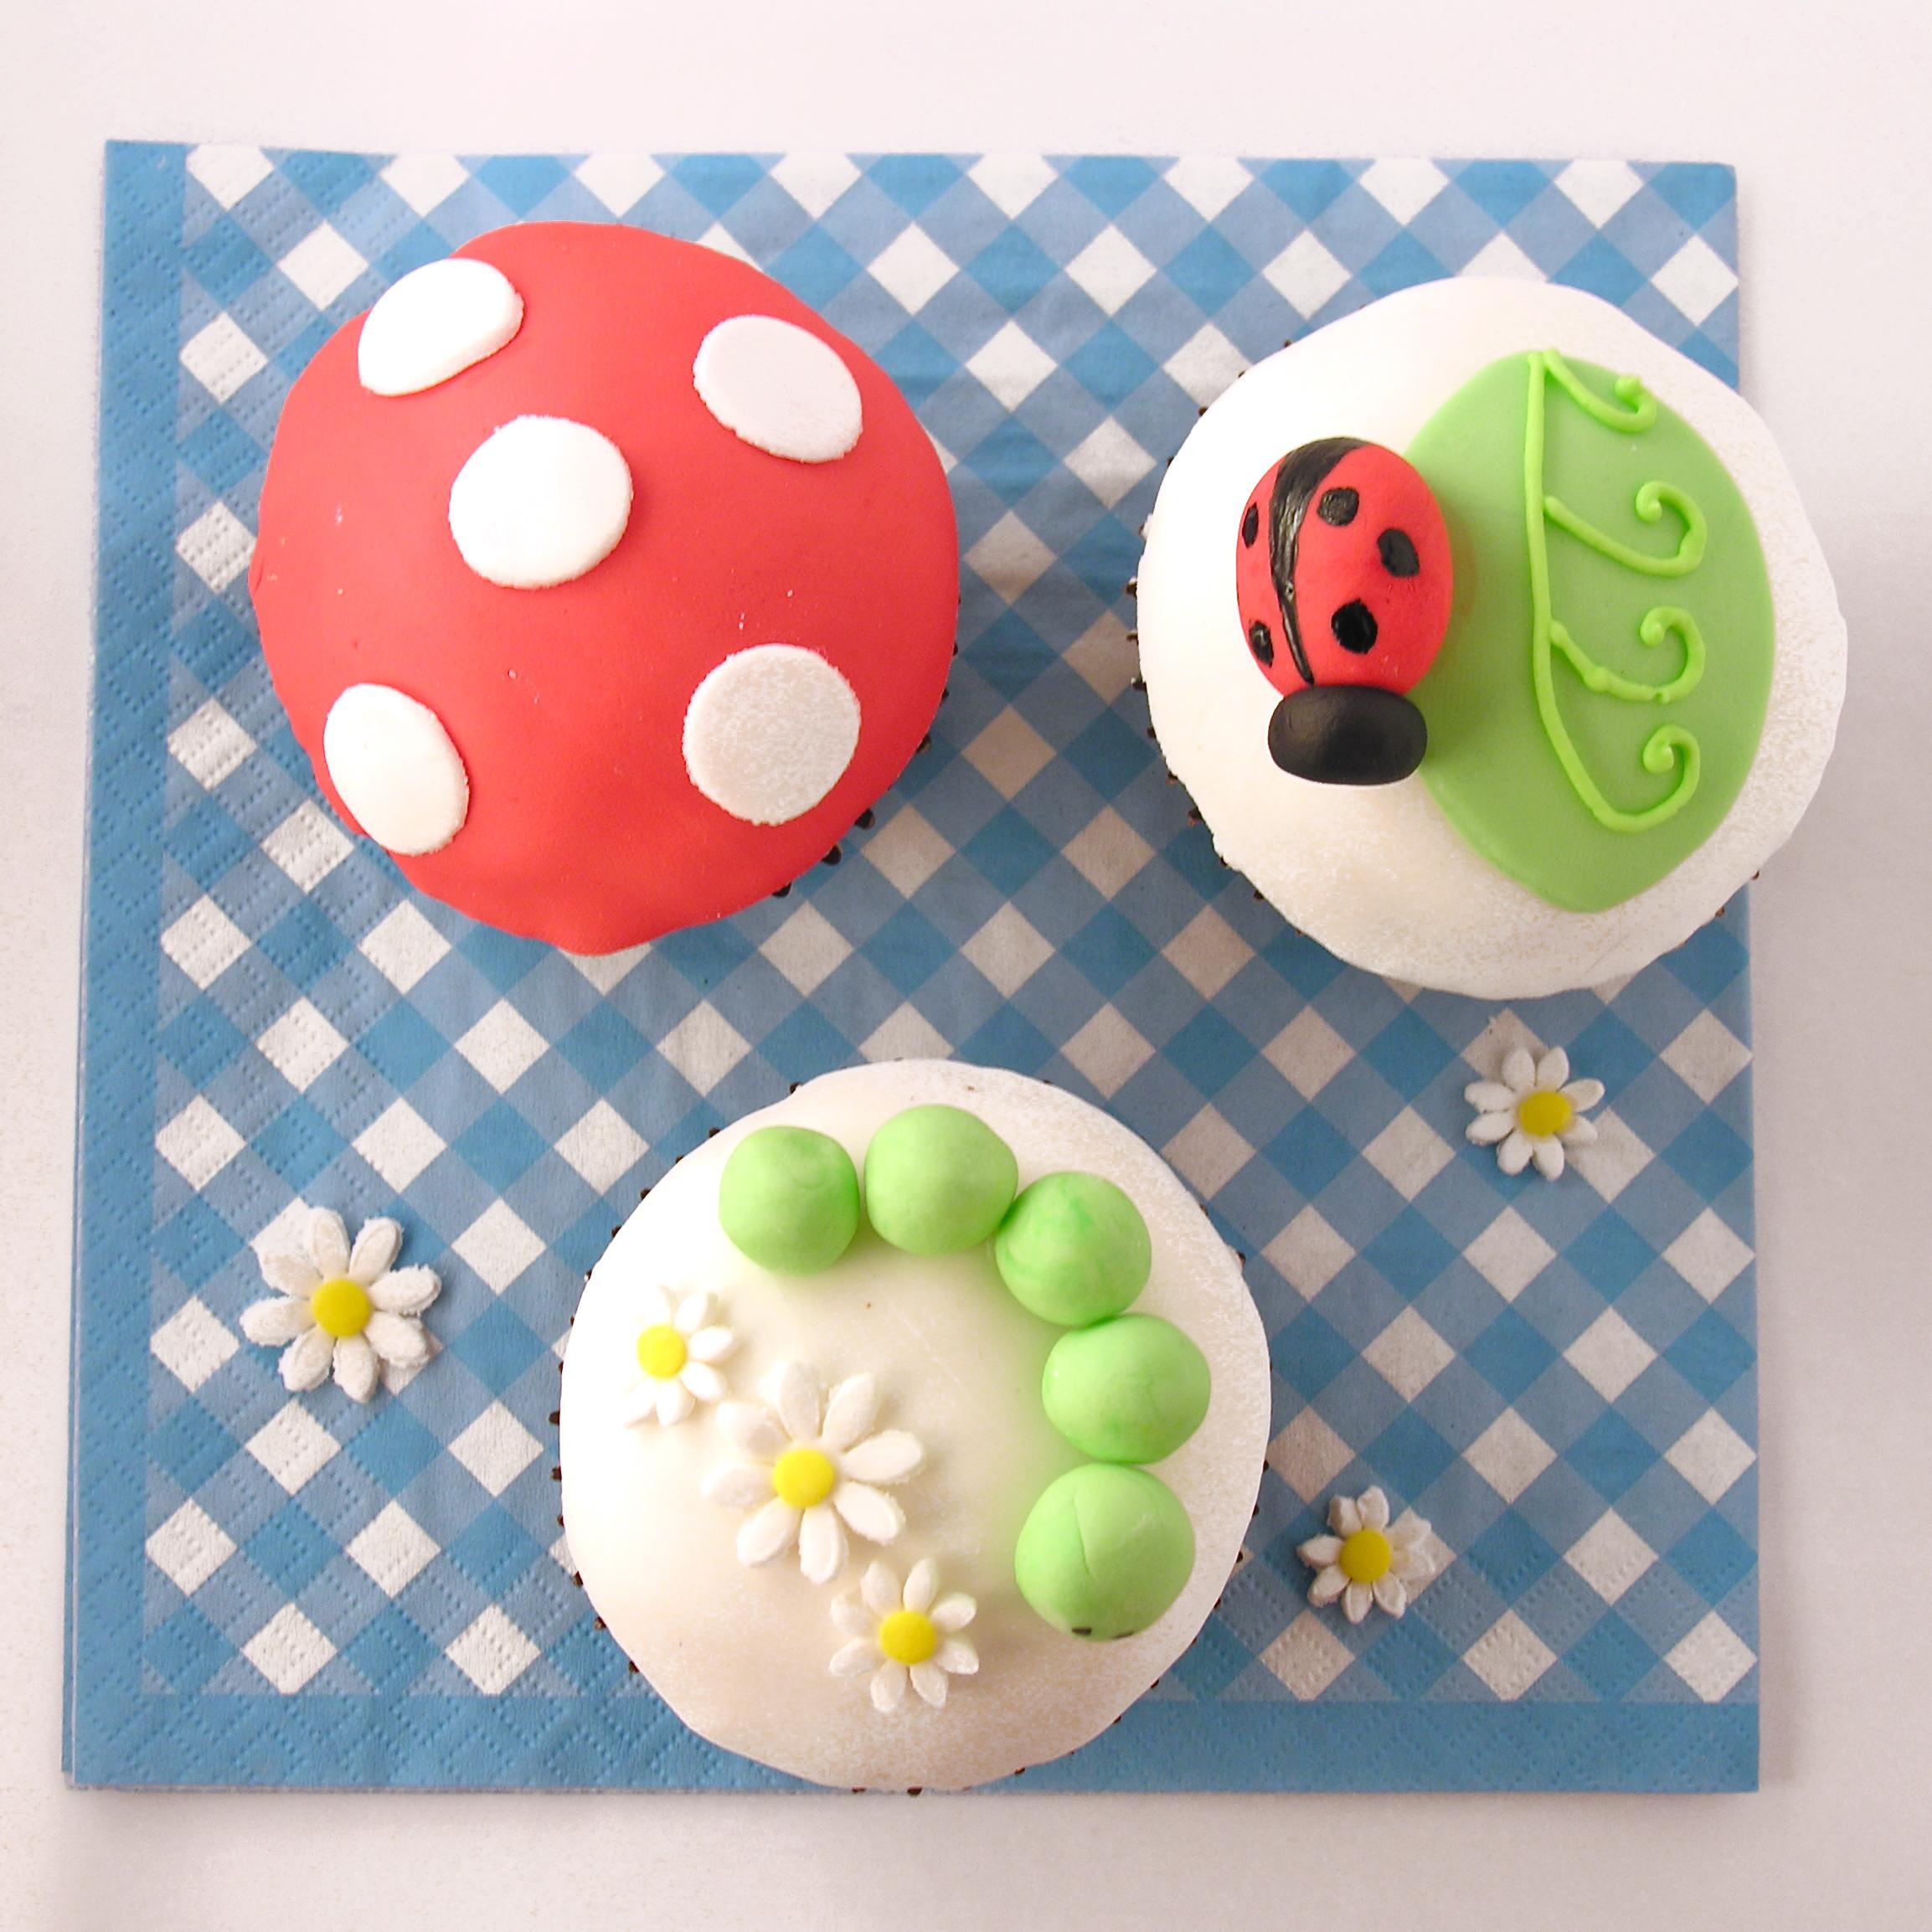 Cool cute cupcake ideas car interior design for Cute car tag ideas